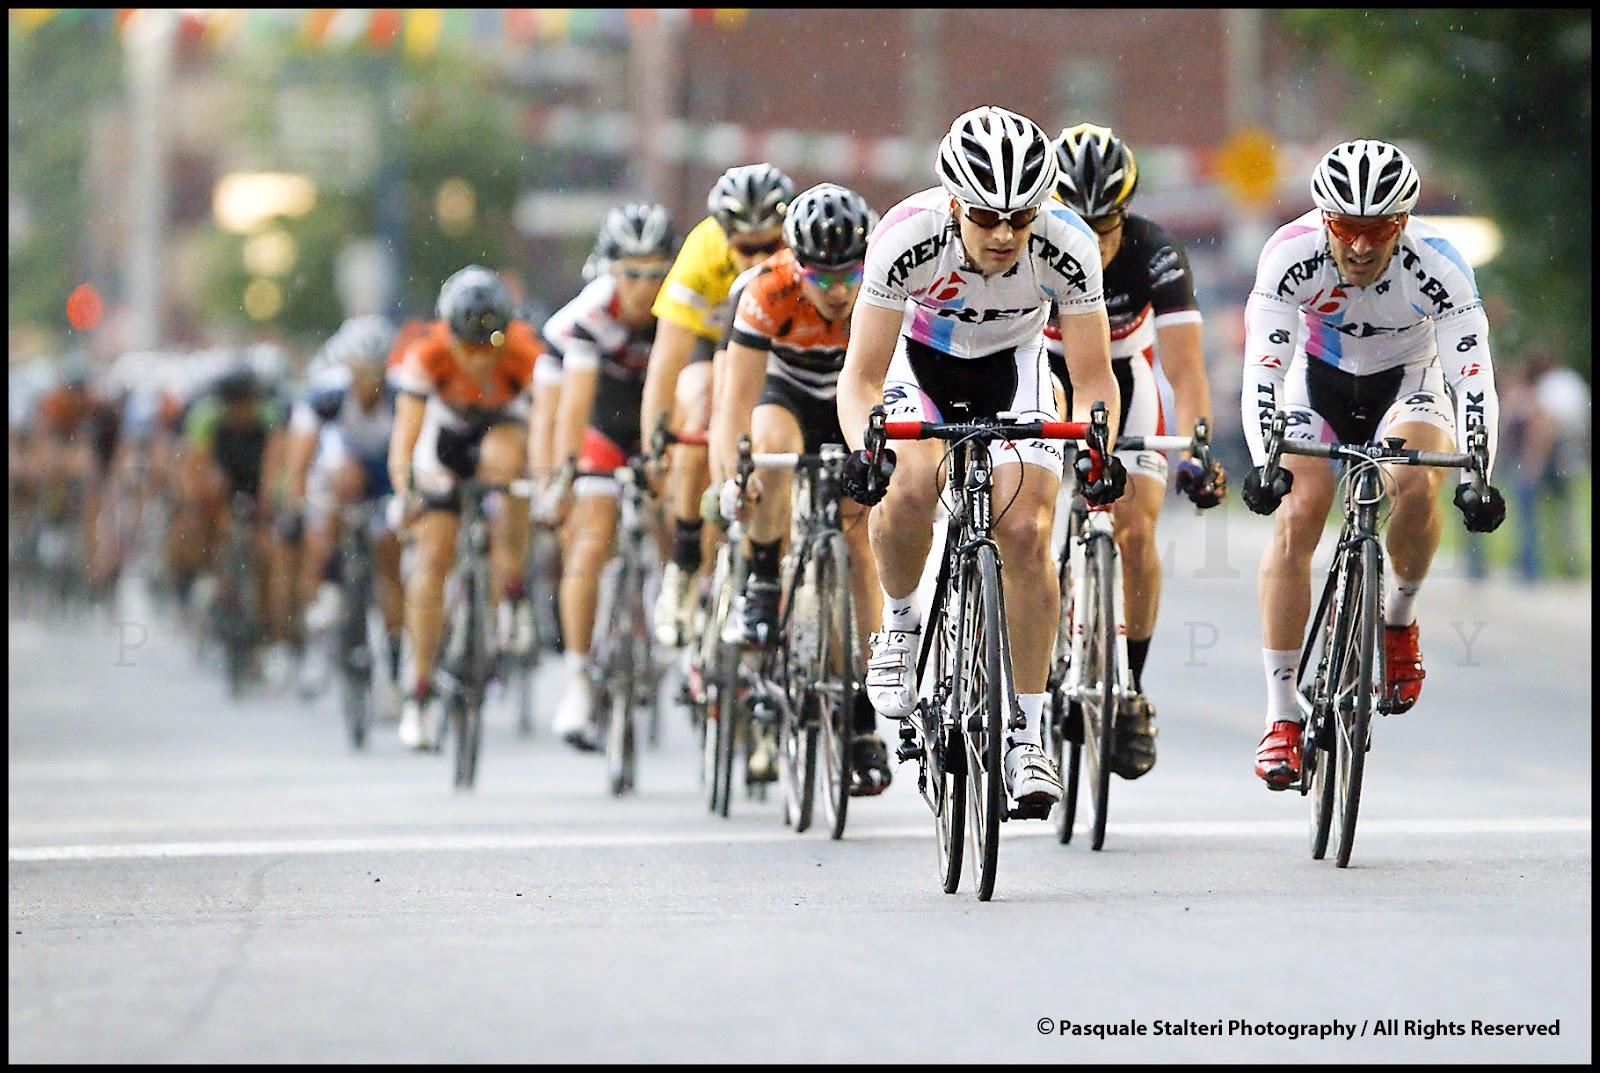 Hugo houle remporte la 1 re tape des mardis cyclistes for Miroir du cyclisme